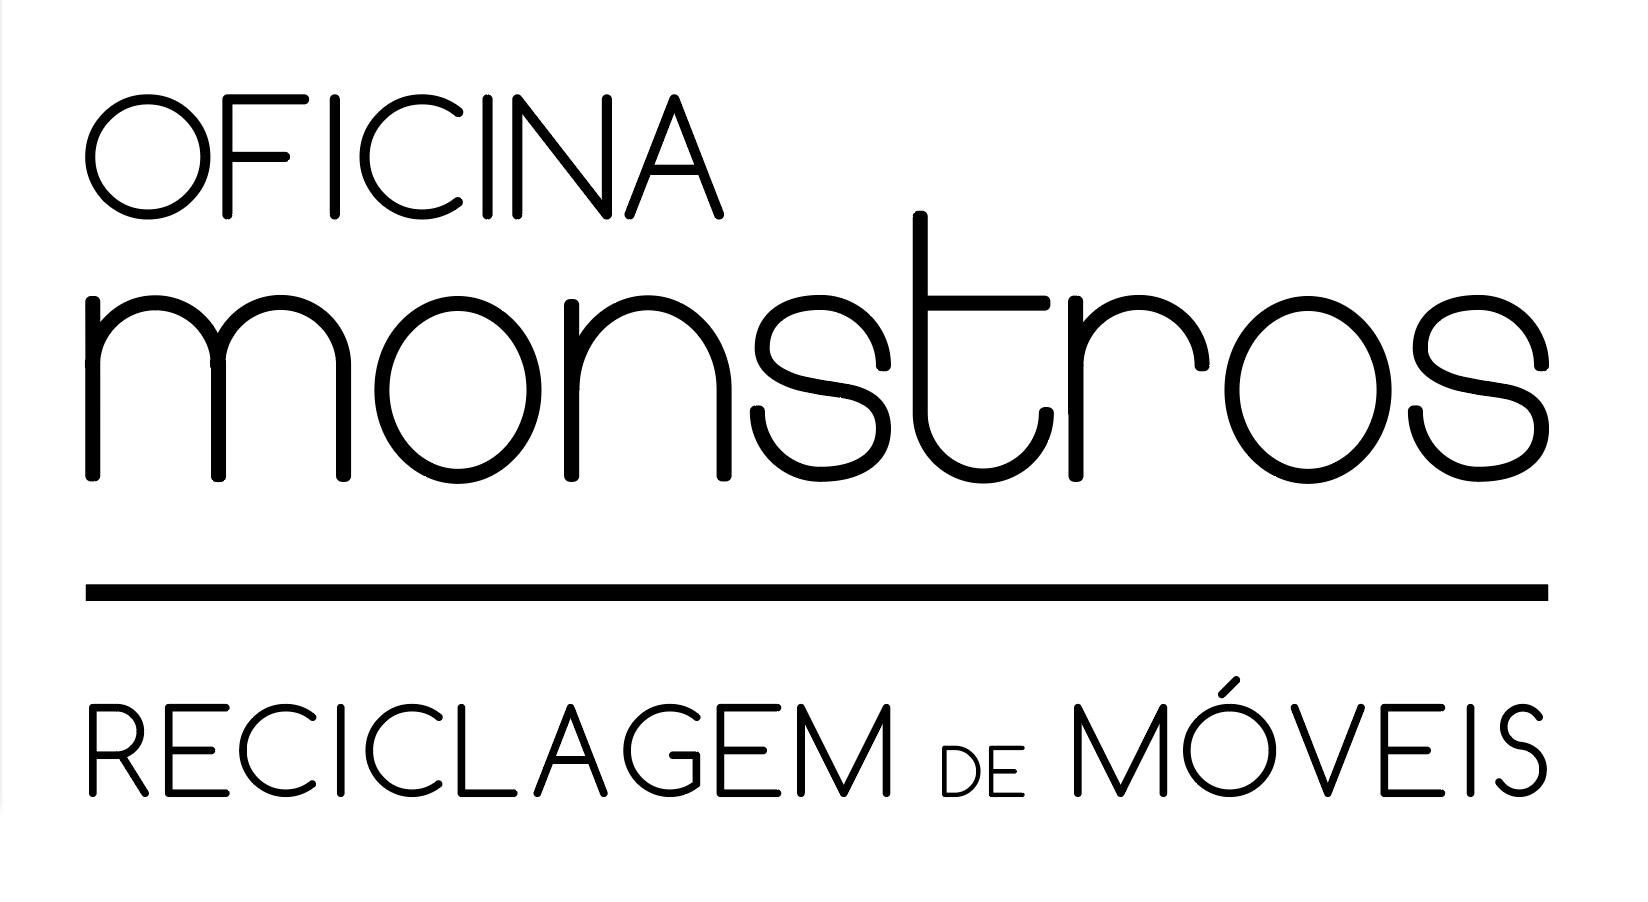 Oficina Monstros - Restauro, recuperação e reciclagem de móveis